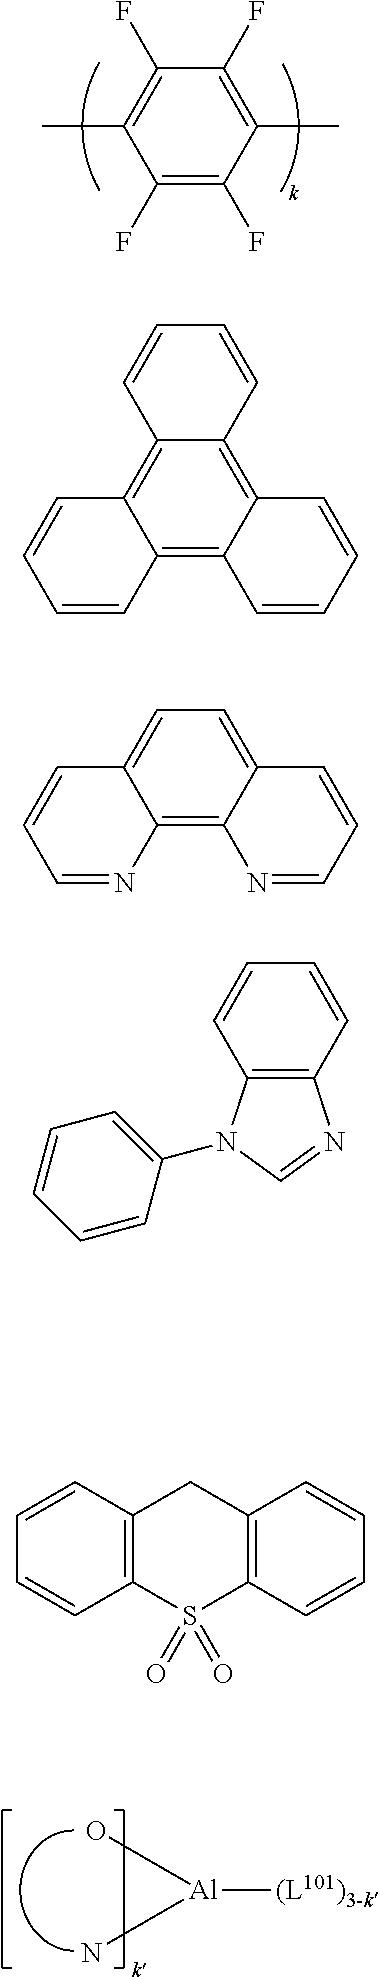 Figure US09224958-20151229-C00026